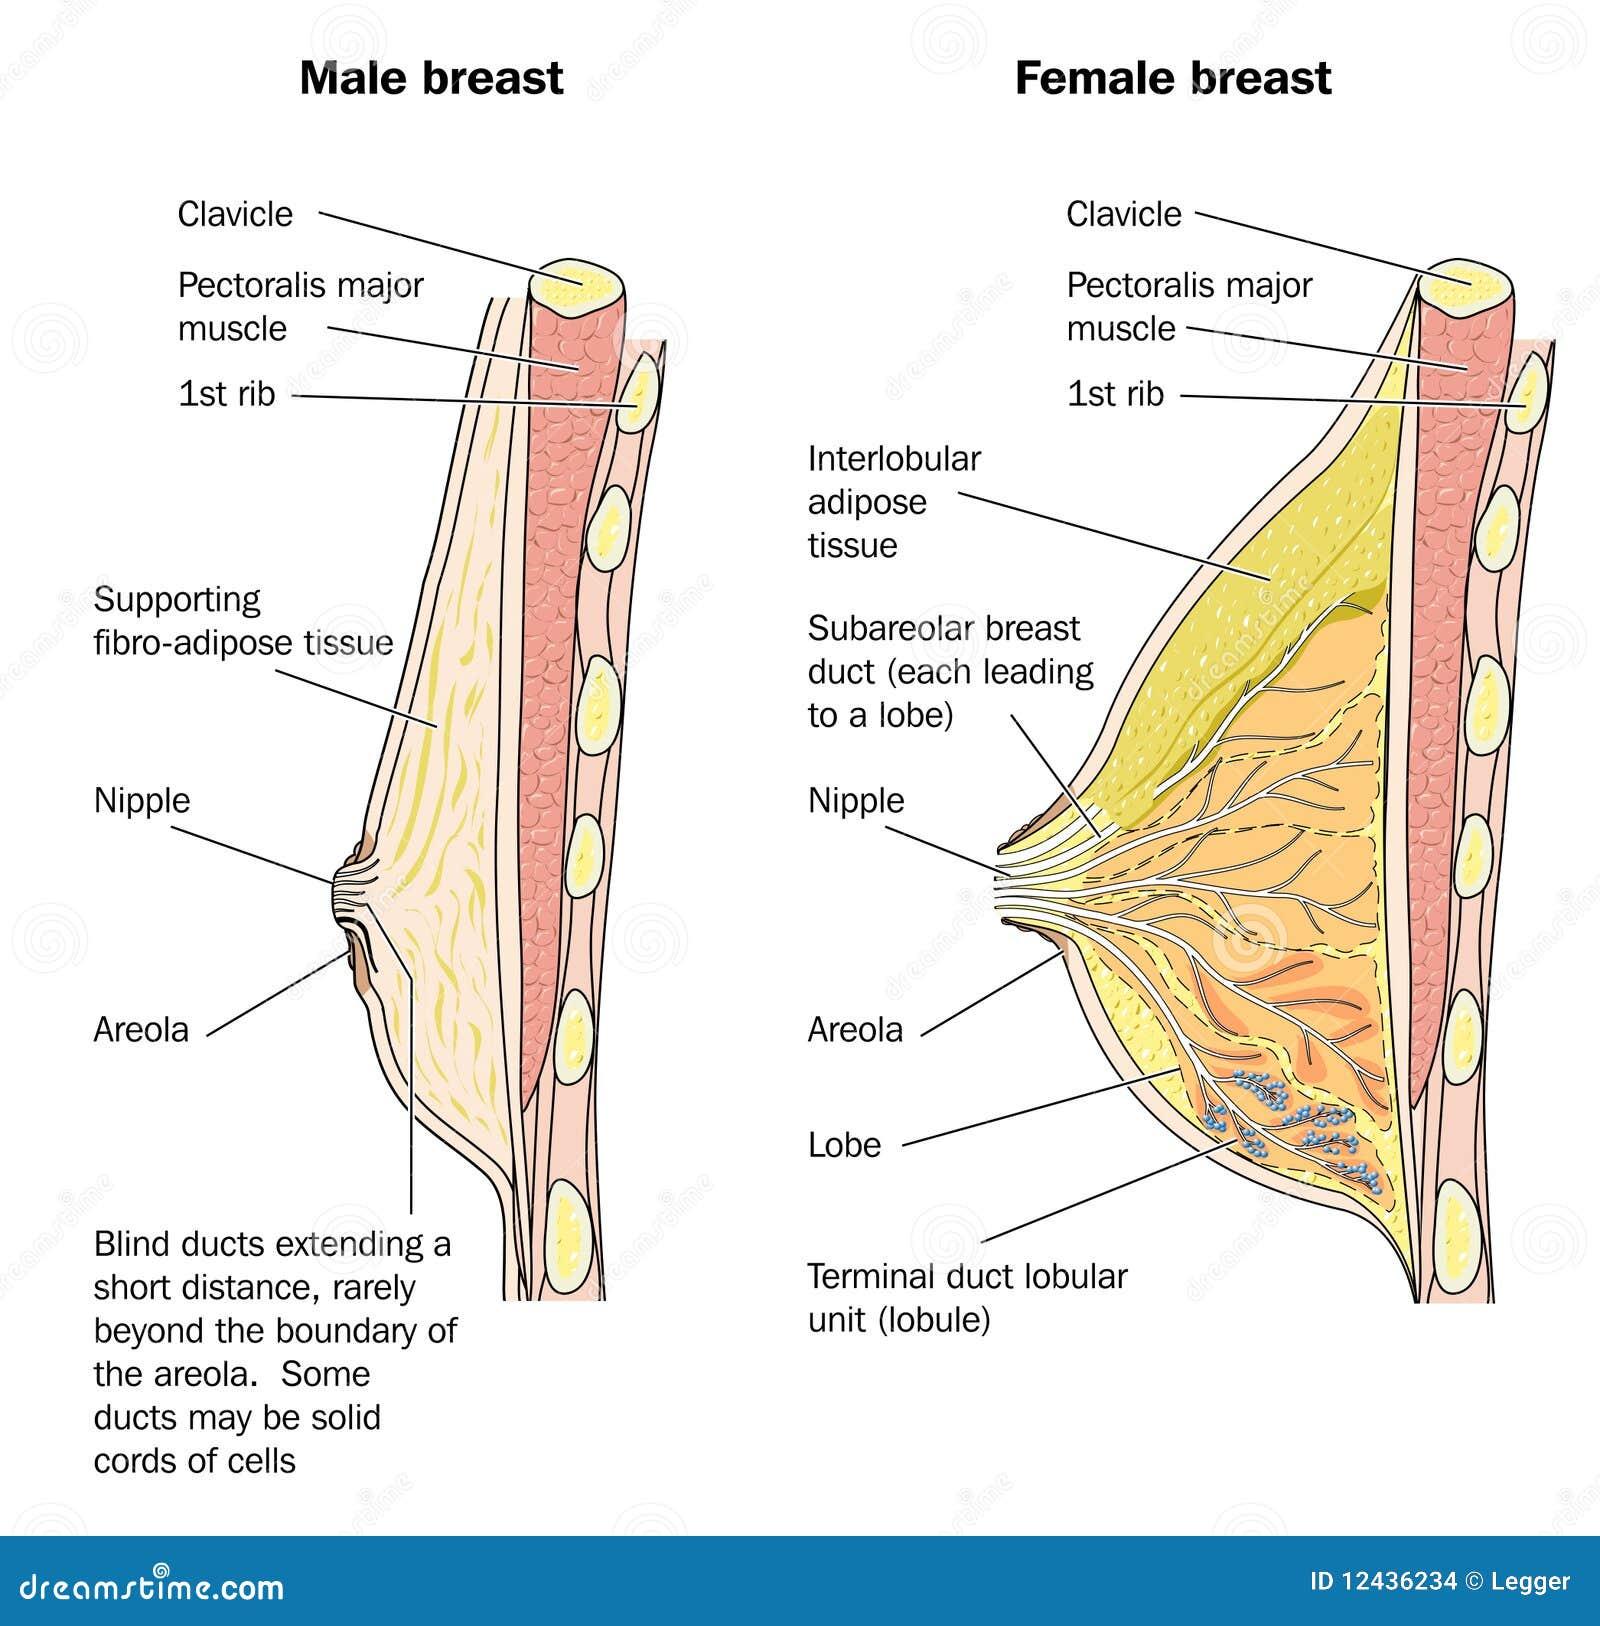 männliche brust anatomie